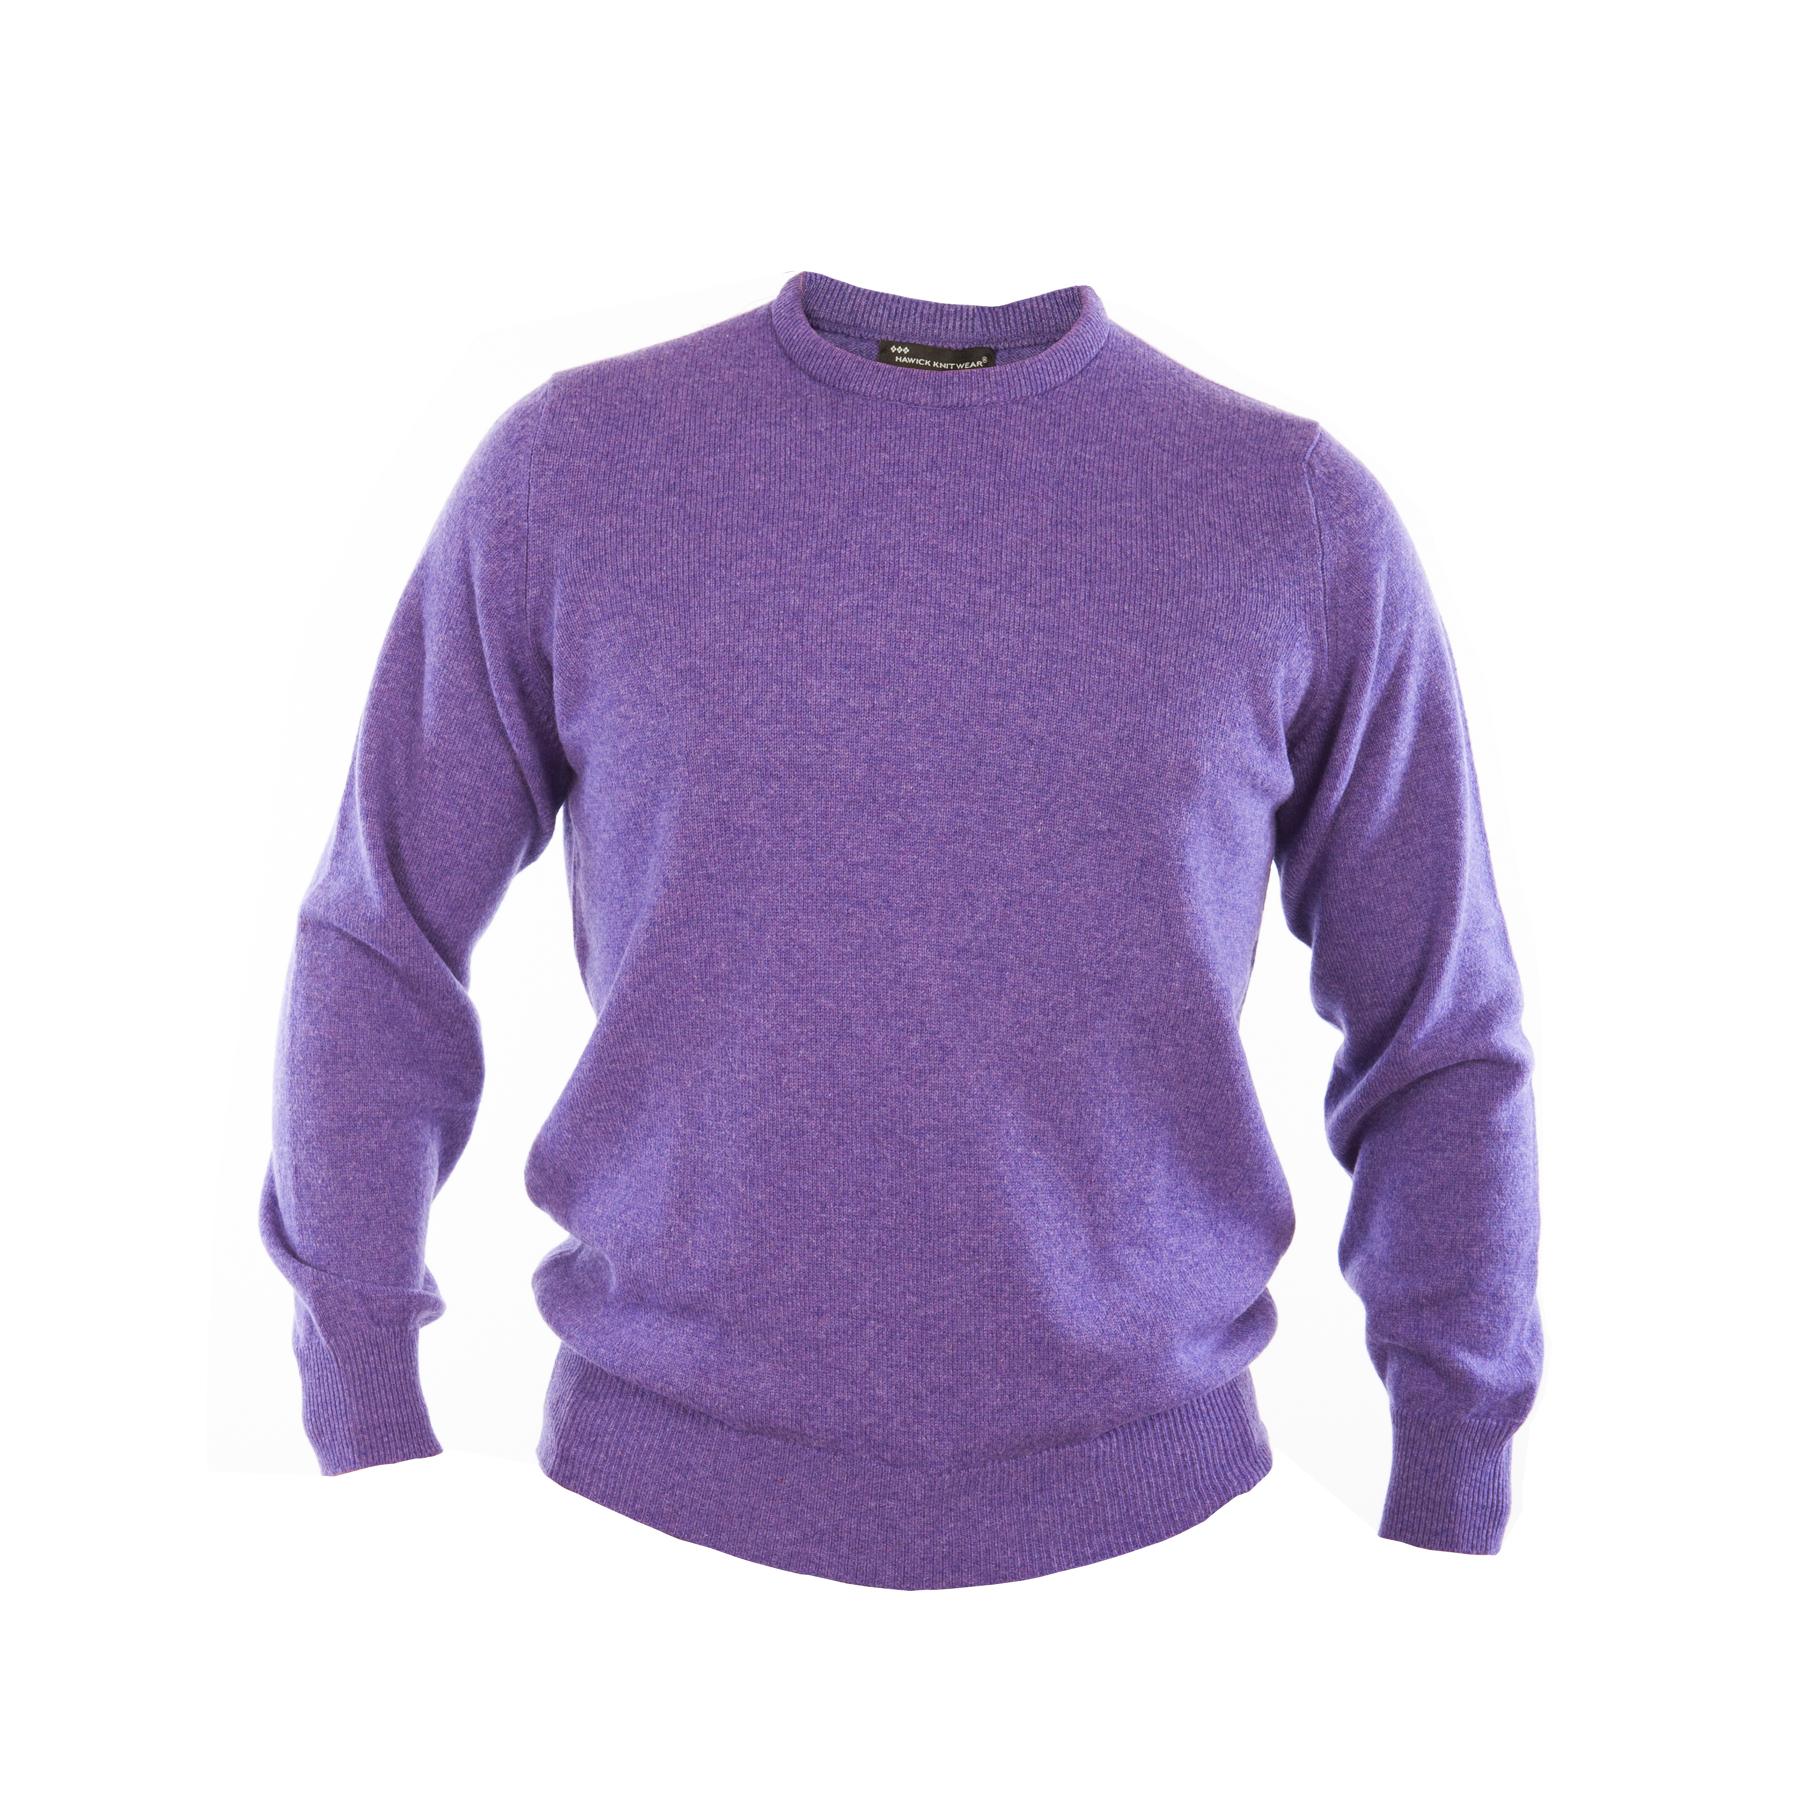 Как сделать свитер мягким что сделать чтобы шерстяные вещи не 87